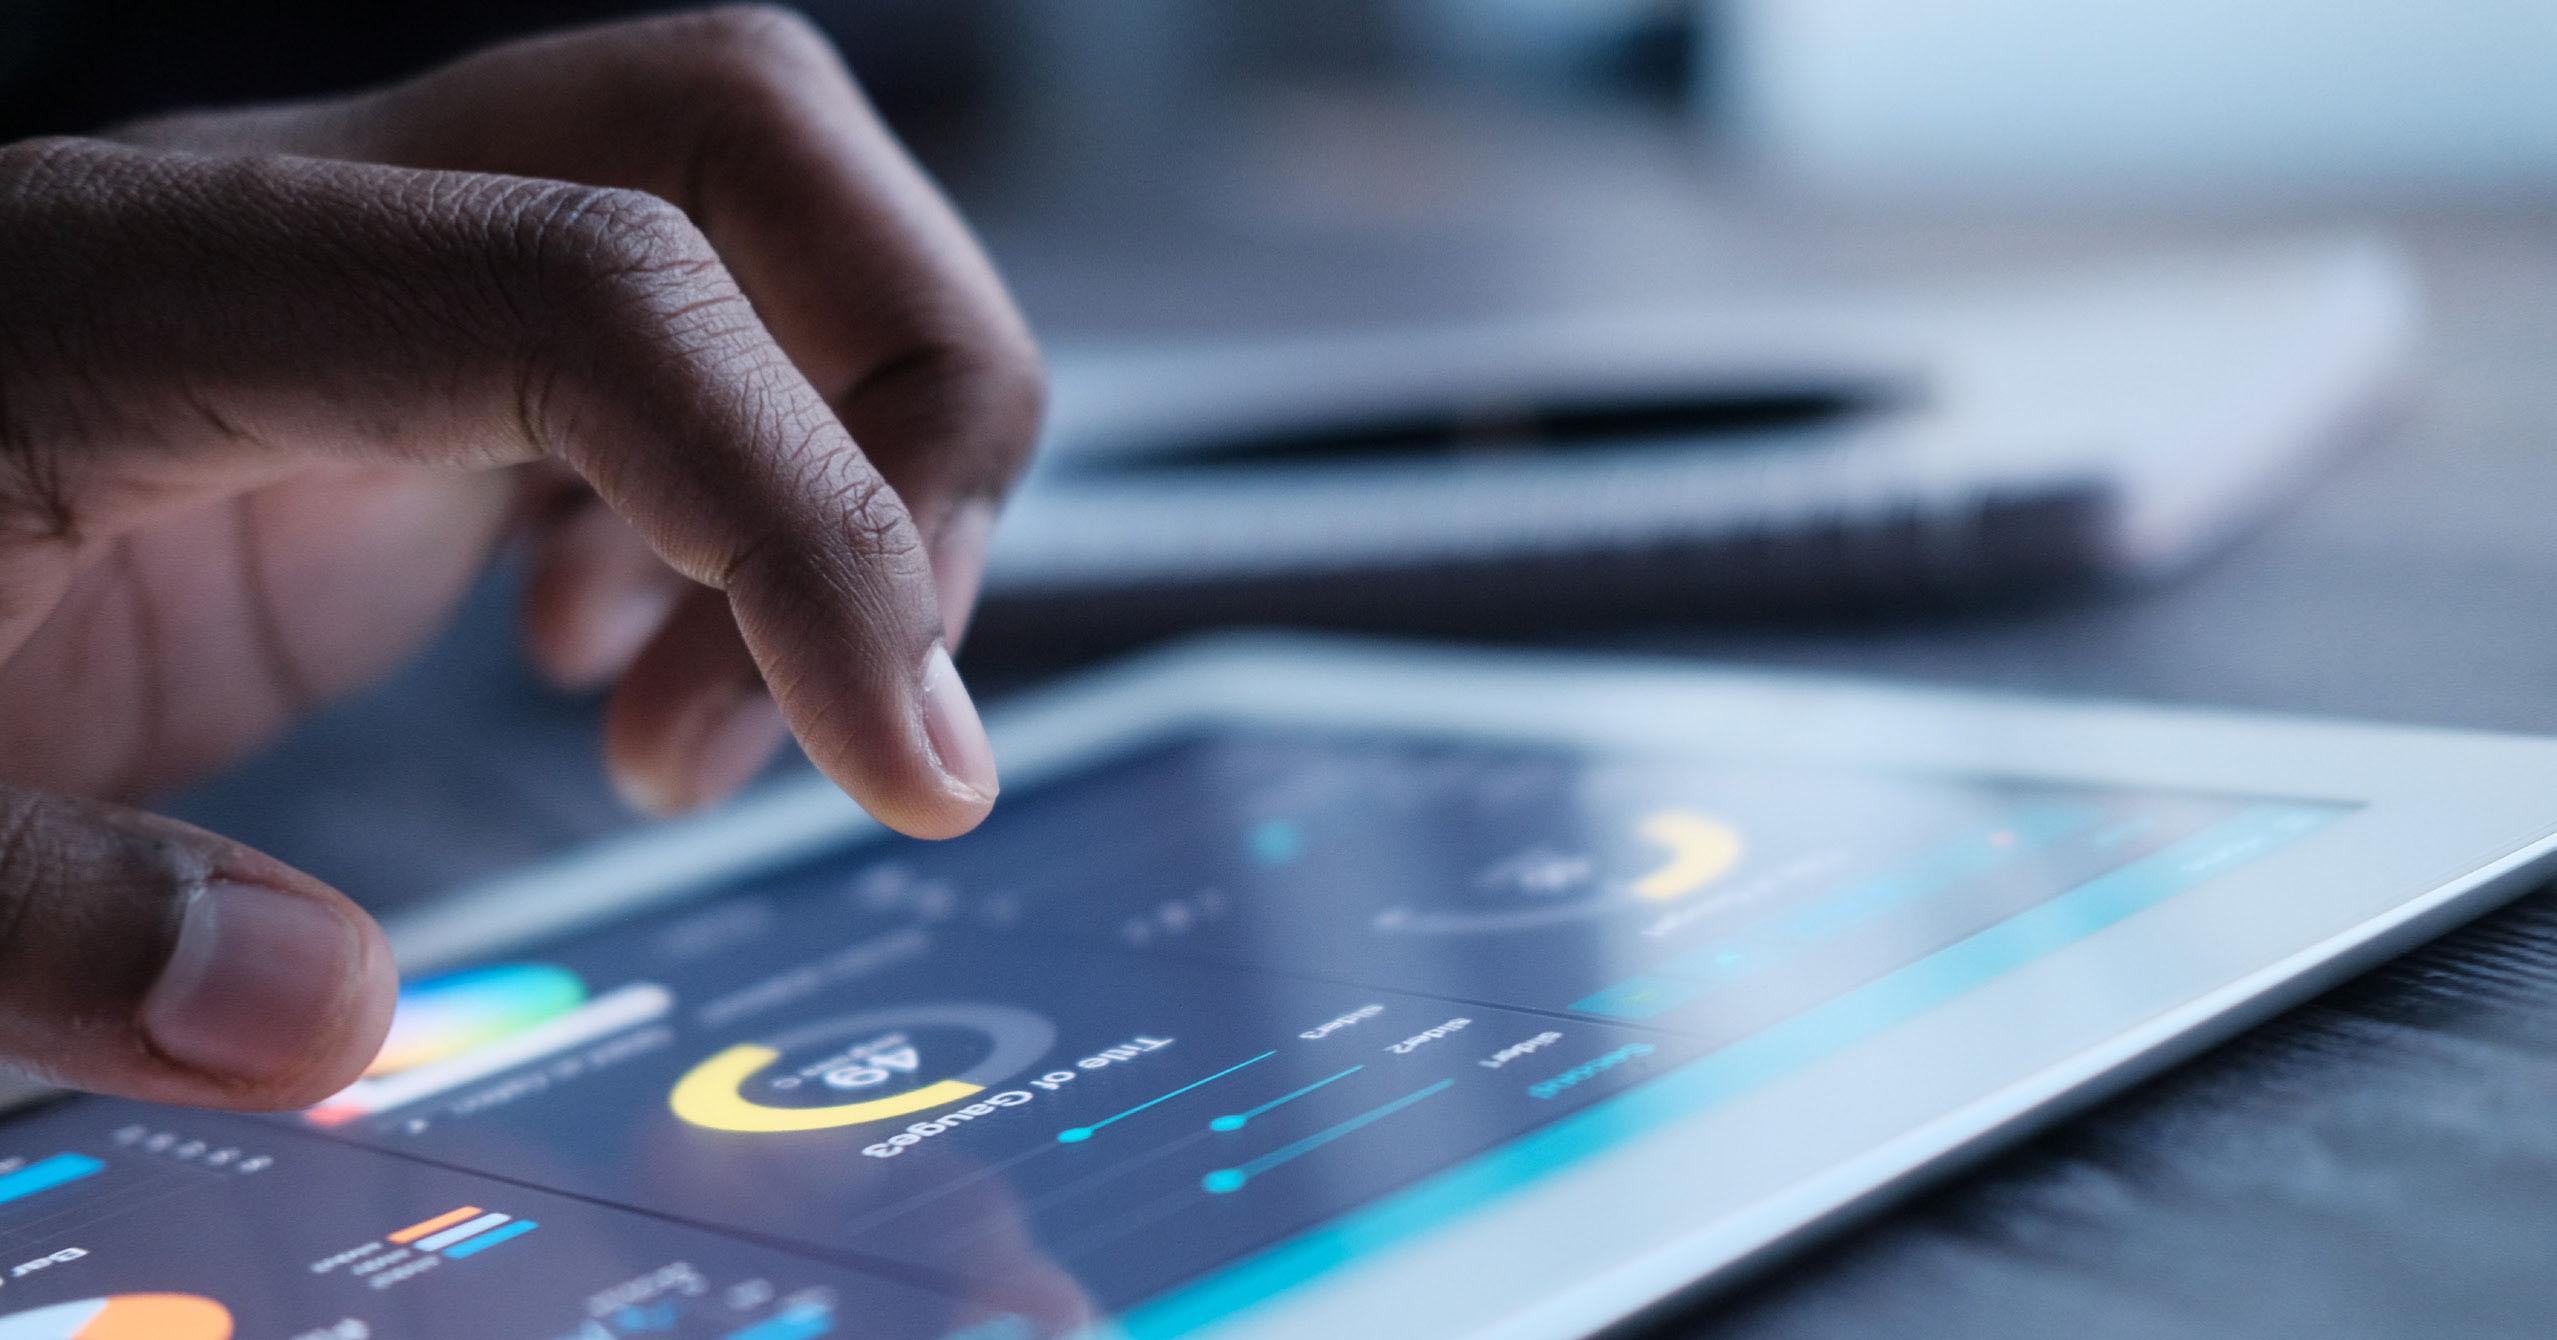 Цифровое здравоохранение – что это и почему оно важно сейчас?